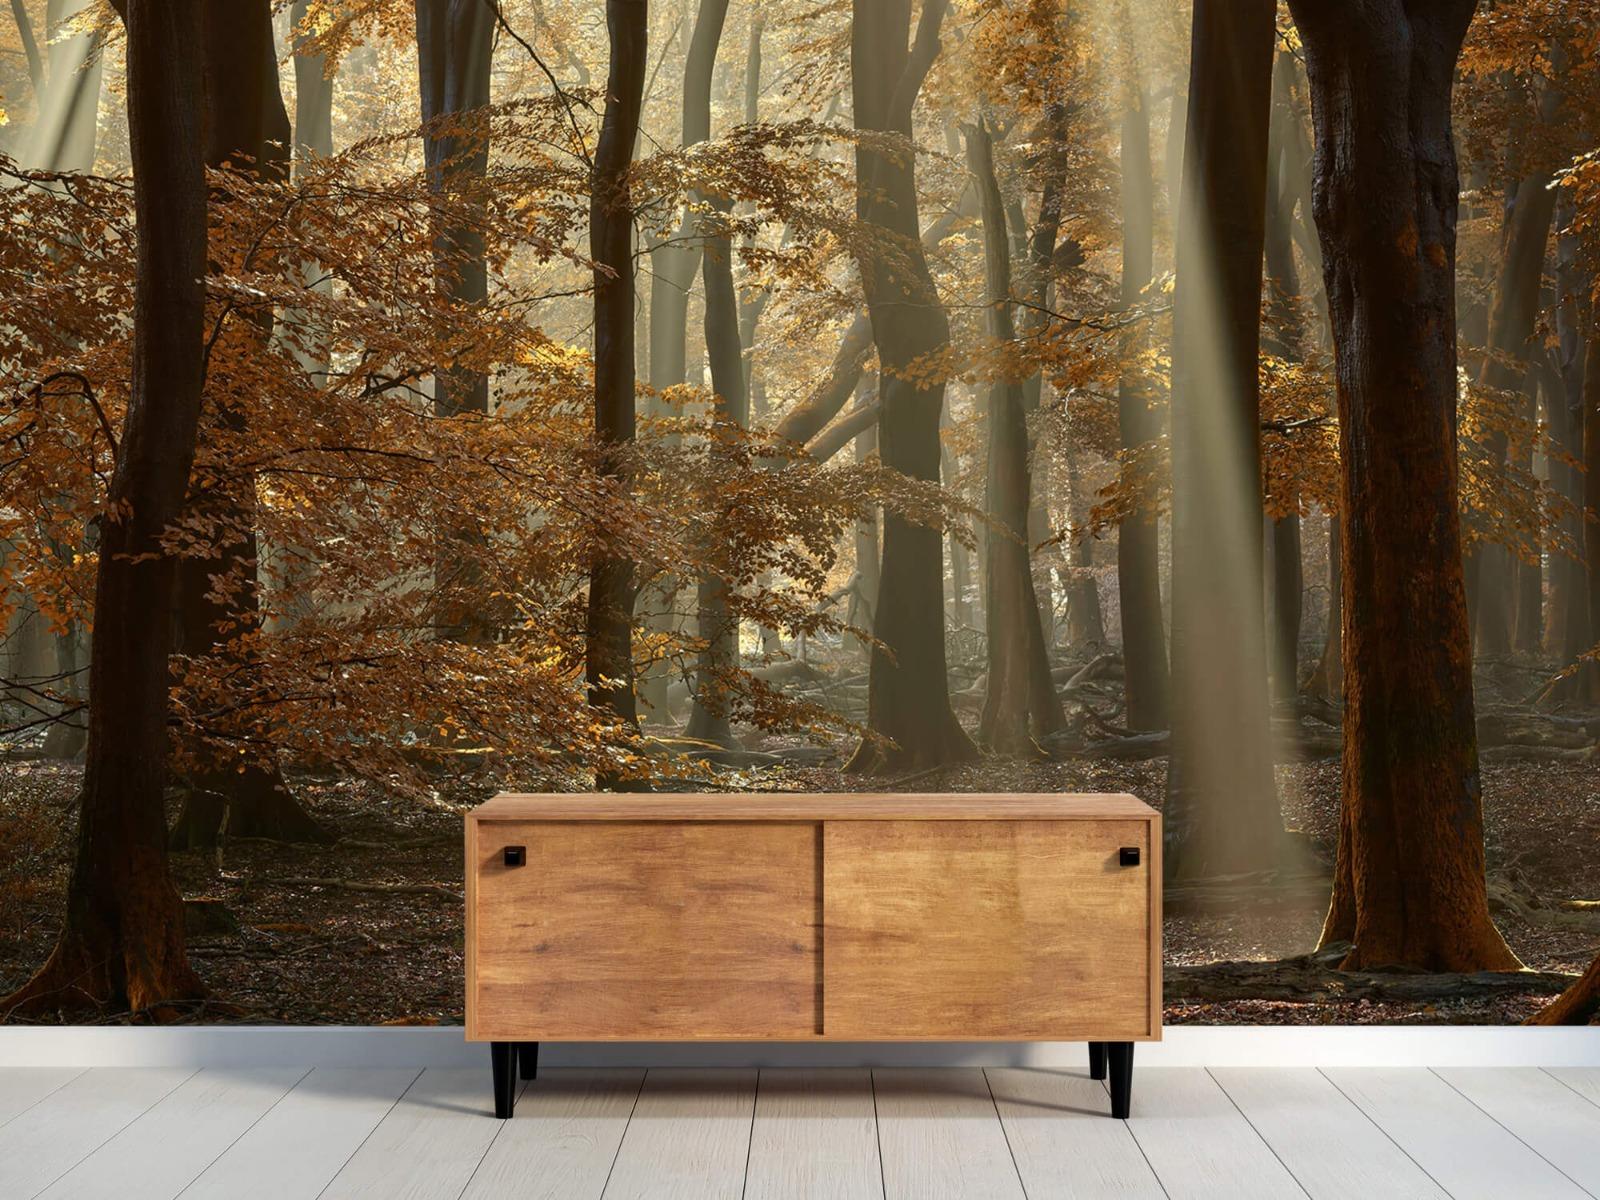 Bos behang - Herfstkleuren in het bos - Slaapkamer 11